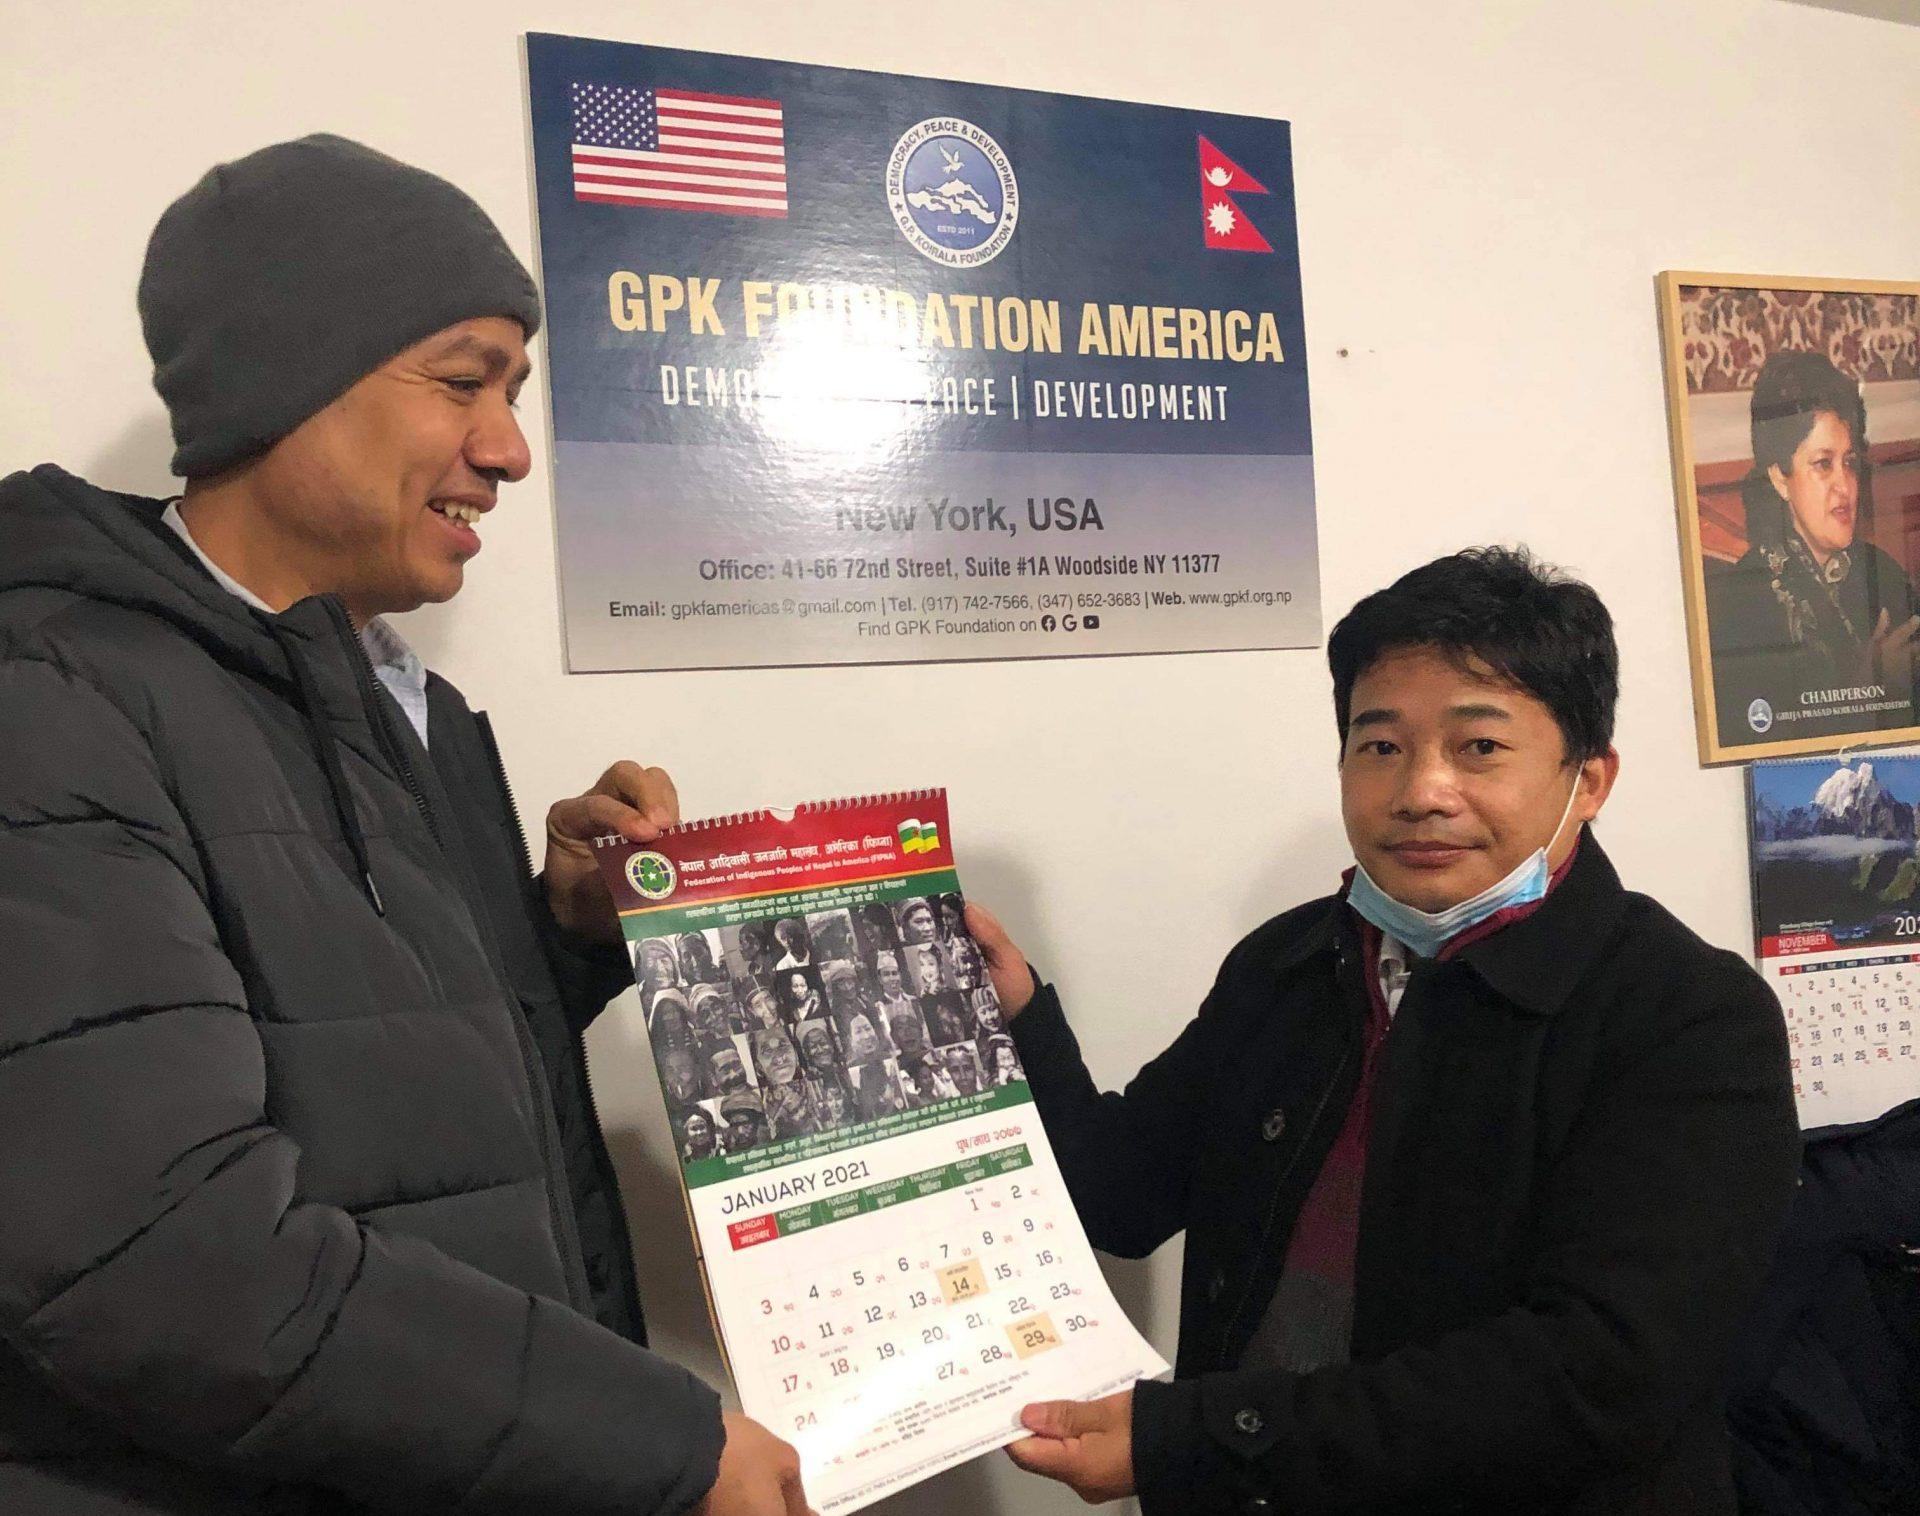 गिरिजा प्रसाद कोइराला फाउण्डेशन अमेरिकाद्वारा स्वागत ,नेपाली समुदायमा क्यालेण्डर वितरण